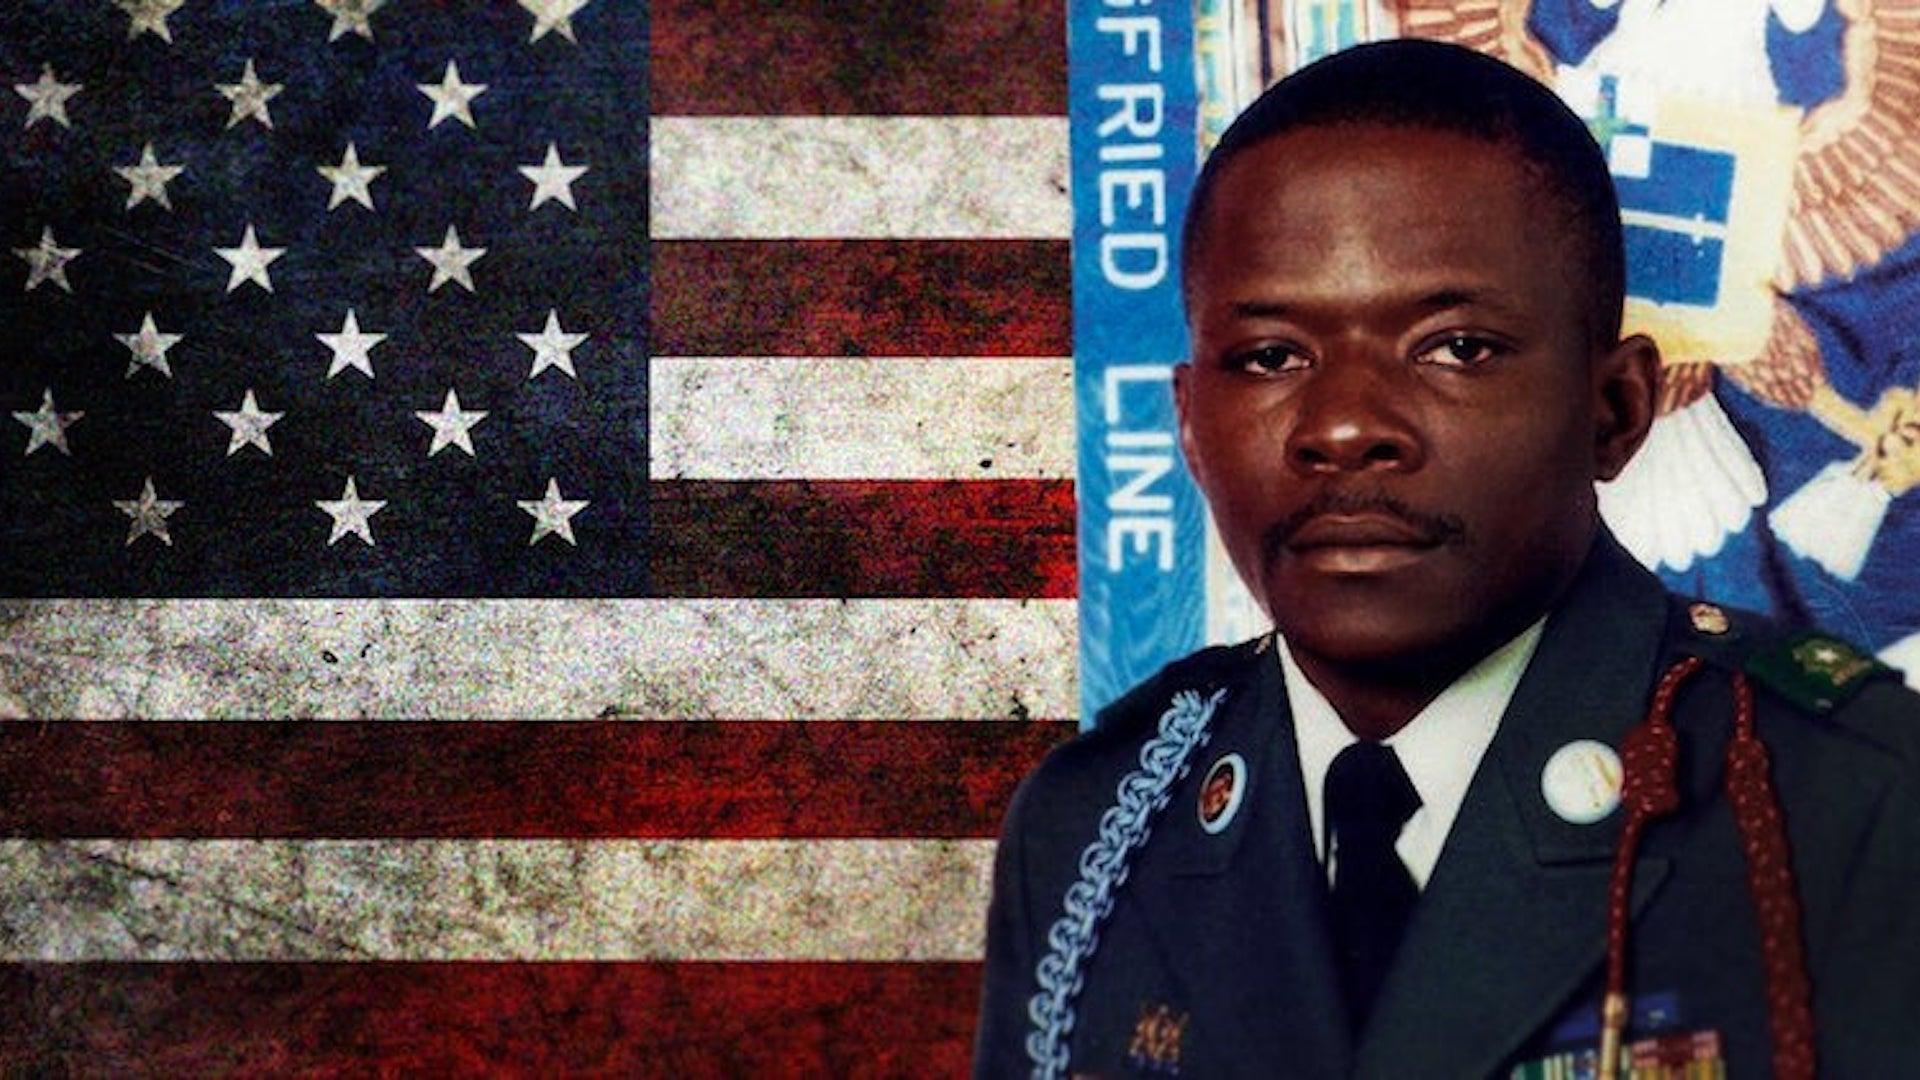 Sgt. 1st Class Alwyn Cashe